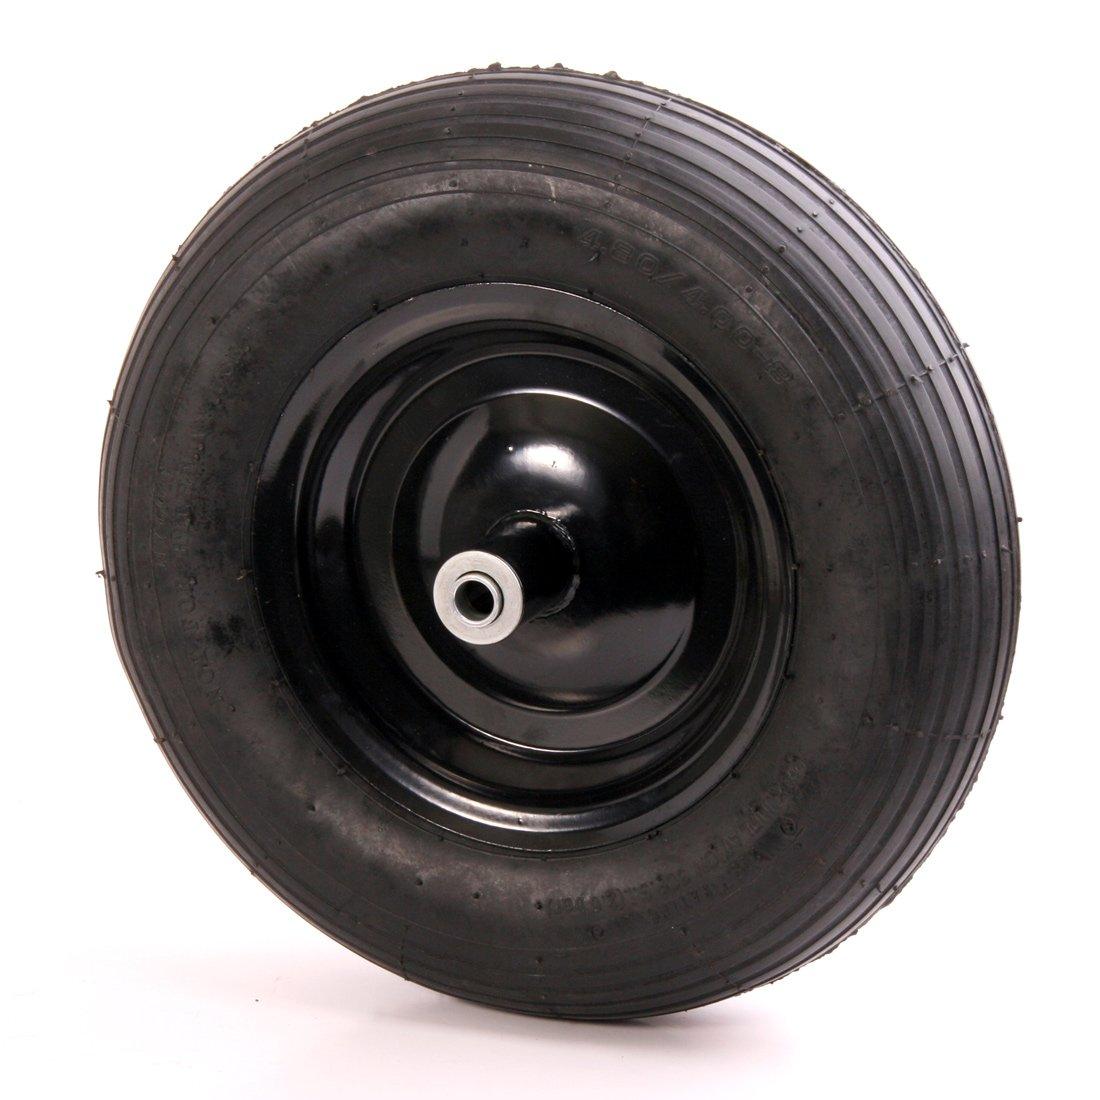 Kolo stavebního kolečka nafukovací kovový disk